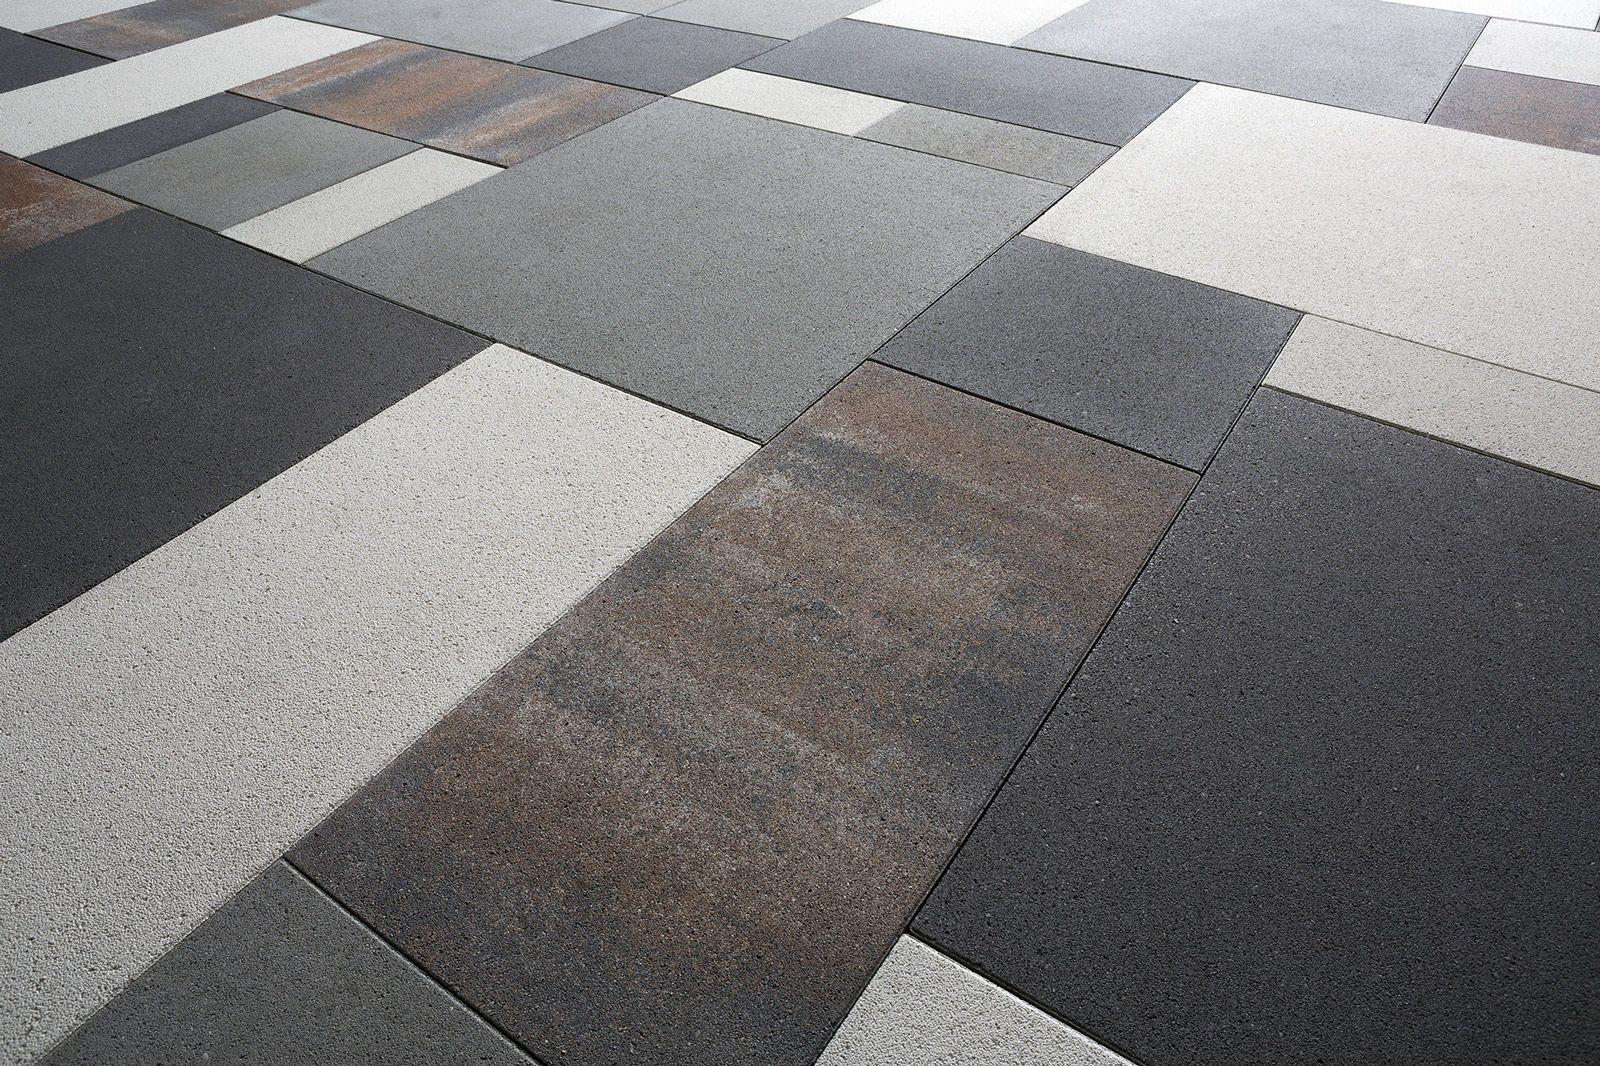 Pavimentazione arredo urbano pavimentazioni giardini - Rimuovere cemento da piastrelle ...